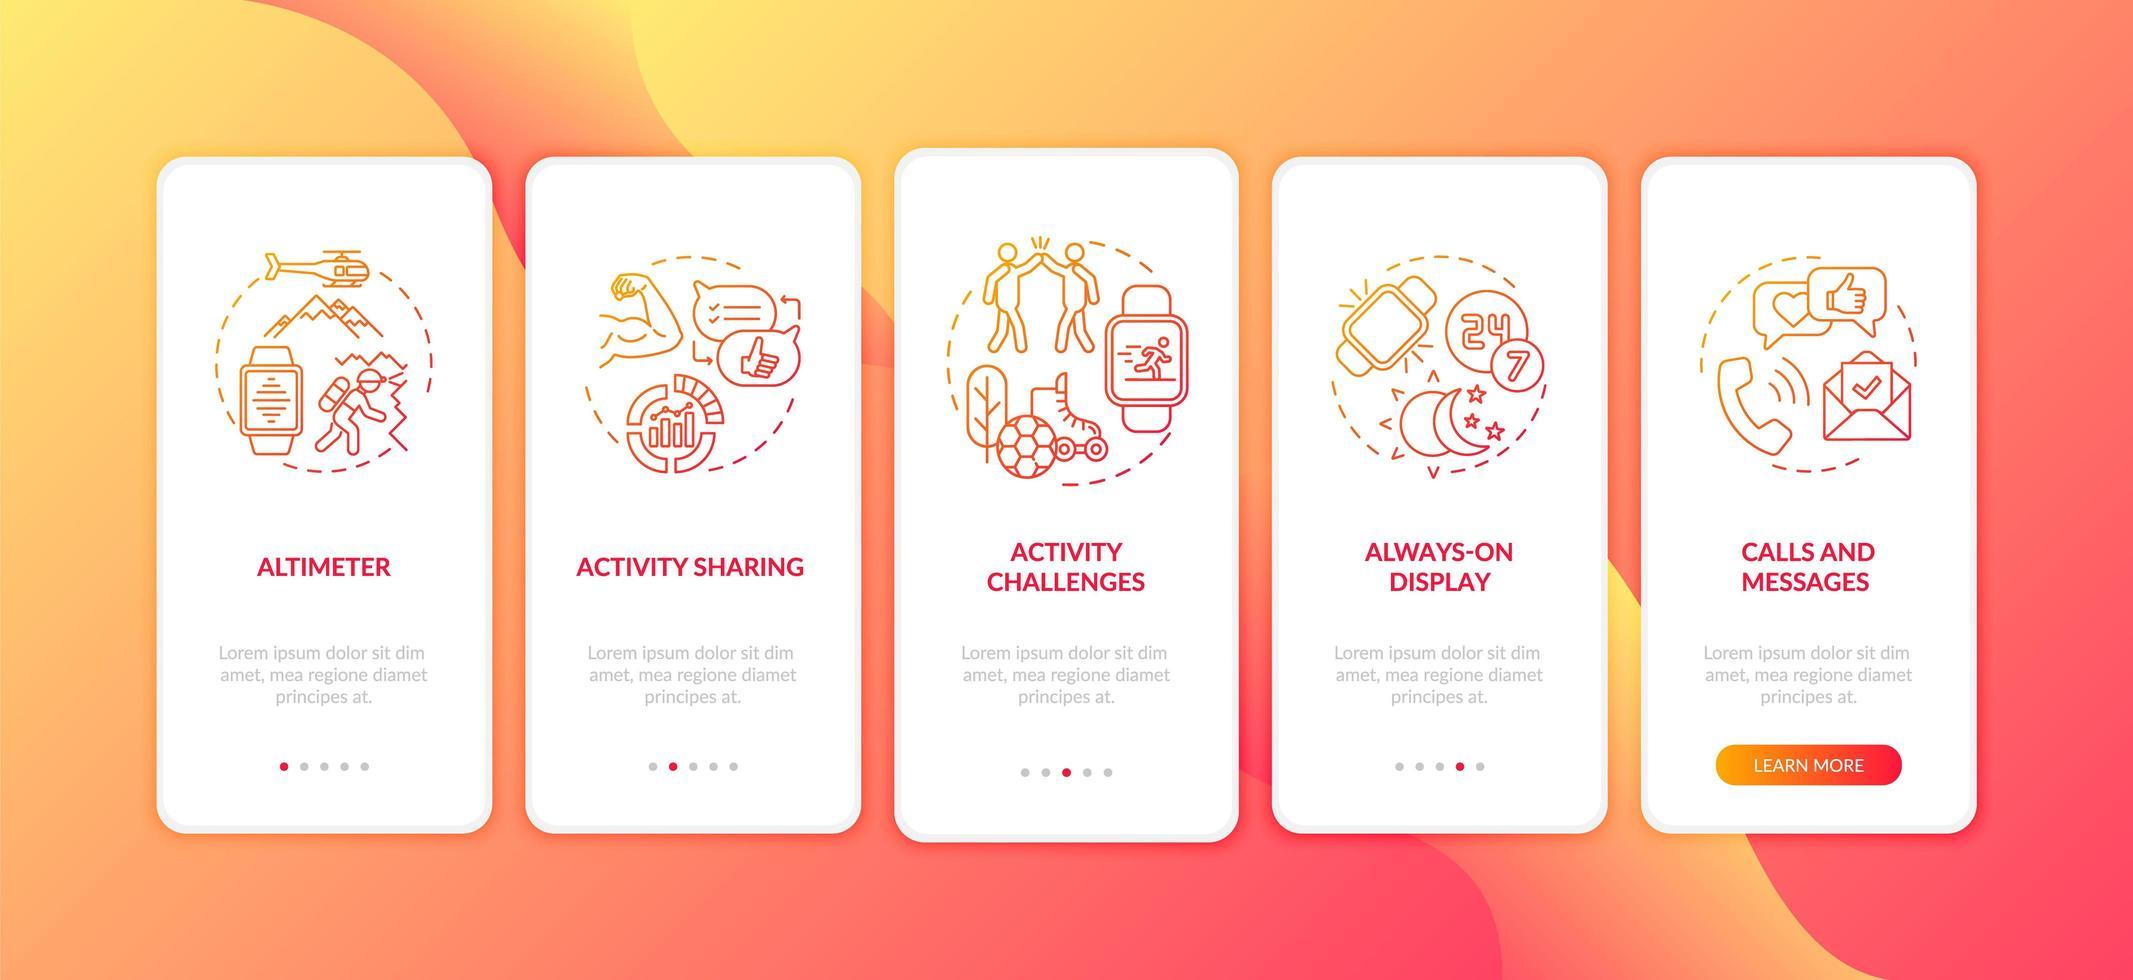 smart watch apresenta tela de página de aplicativo móvel integrada com conceitos vetor